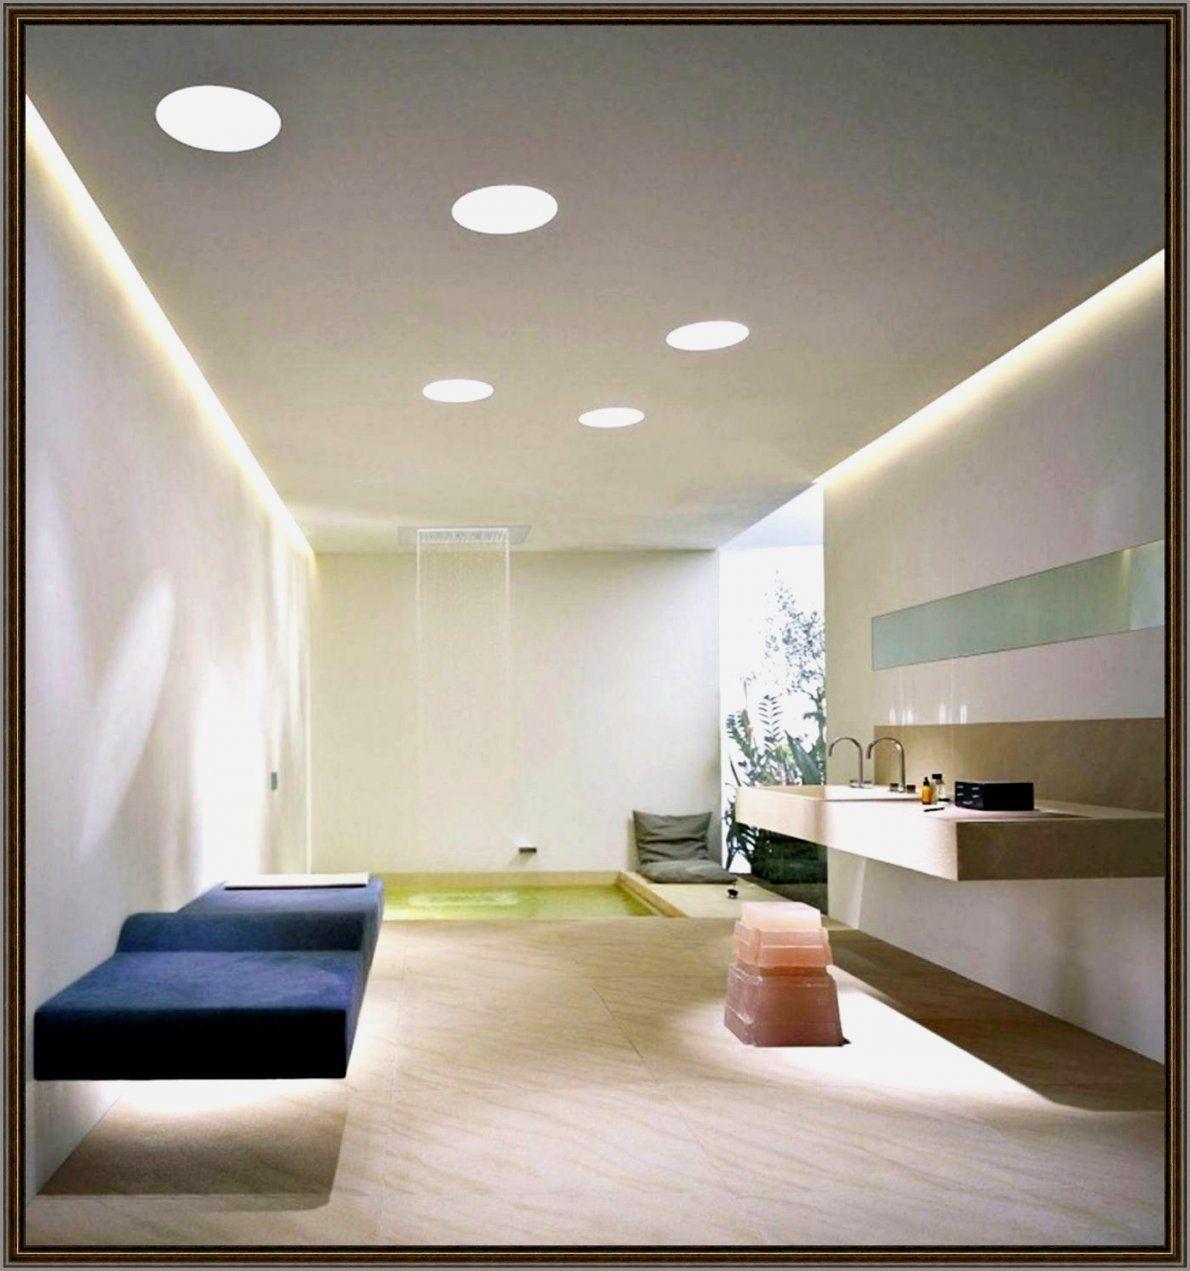 Küche Unterschrank Luxury Unterschrank Beleuchtung Küche Led von Led Beleuchtung Küche Unterschrank Bild